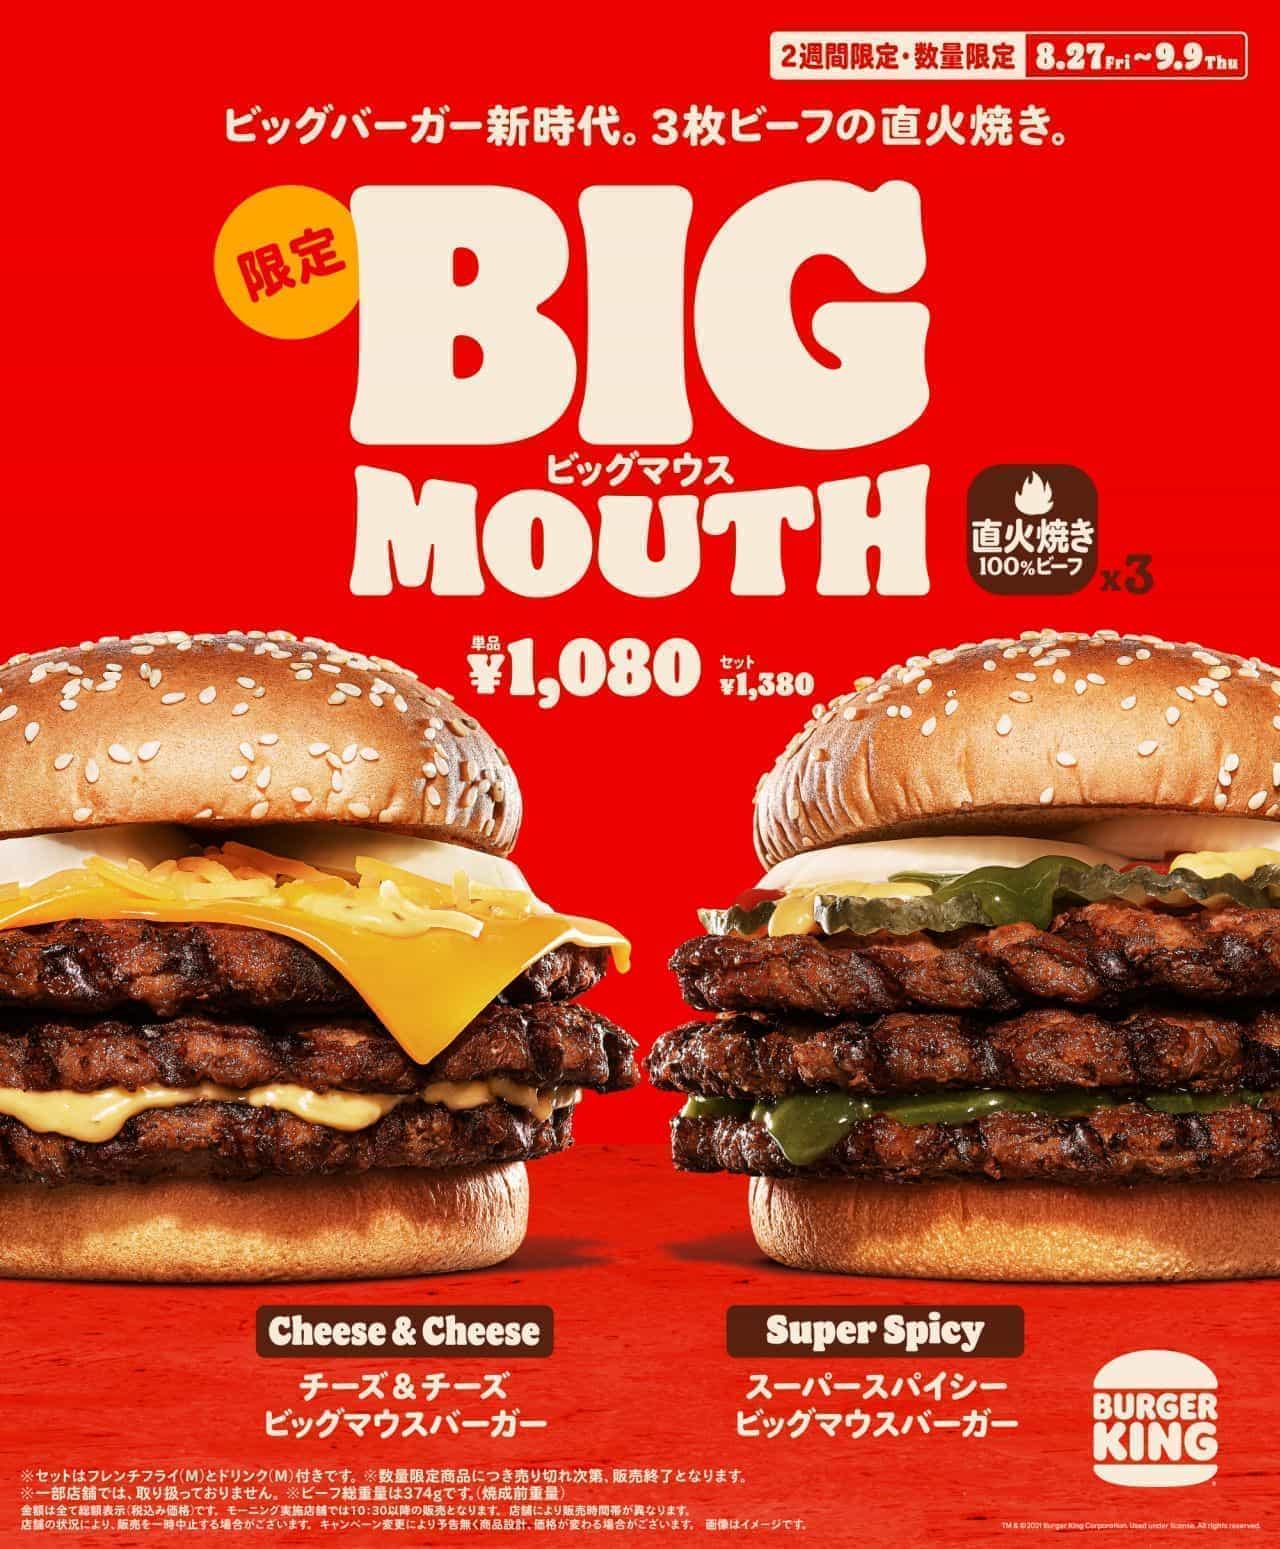 バーガーキング「チーズ&チーズ ビッグマウスバーガー」「スーパースパイシー ビッグマウスバーガー」